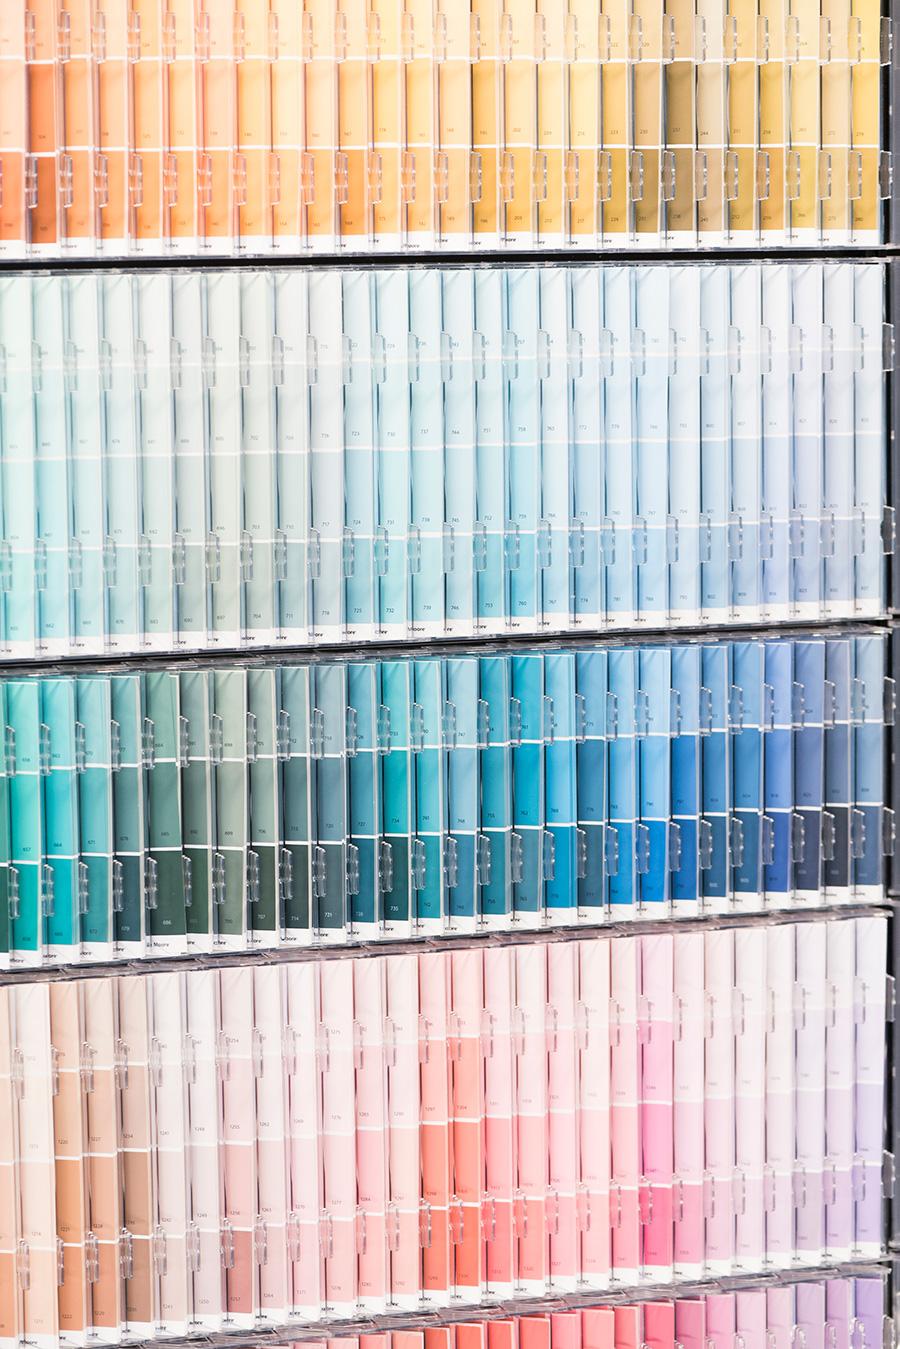 同系色でも微妙に違うカラーを何色も揃える。実際に塗料が吹き付けられた色を確認するカード(テイクホームカード)は、10枚まで持ち帰ることも可。揮発性有機化合物を一切含まないベンジャミンムーアペイントは、臭いがほとんどなく安全性が高いのが魅力。色ムラもできにくく、飛び散りが少ないのでキレイな仕上がりに。